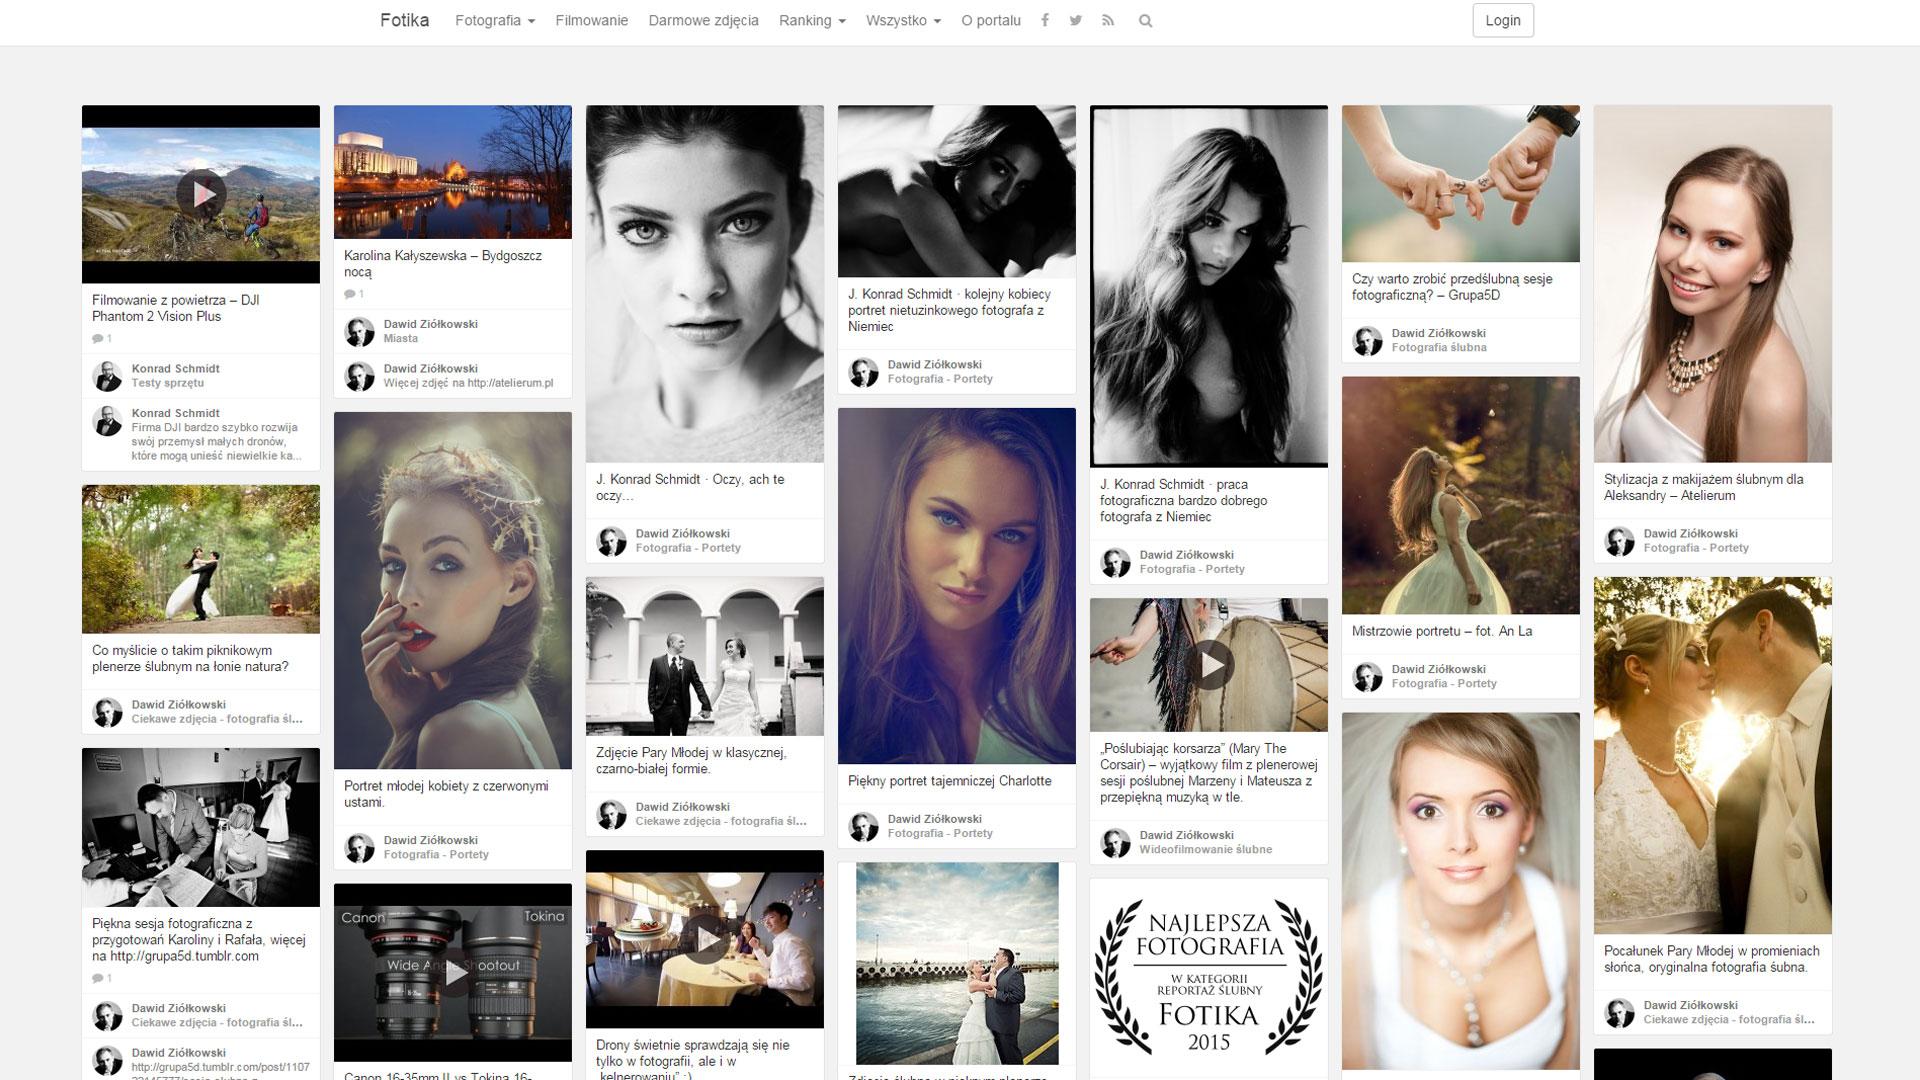 Fotika - fotograficzne inpspiracje - portal dla miłośników fotografiii